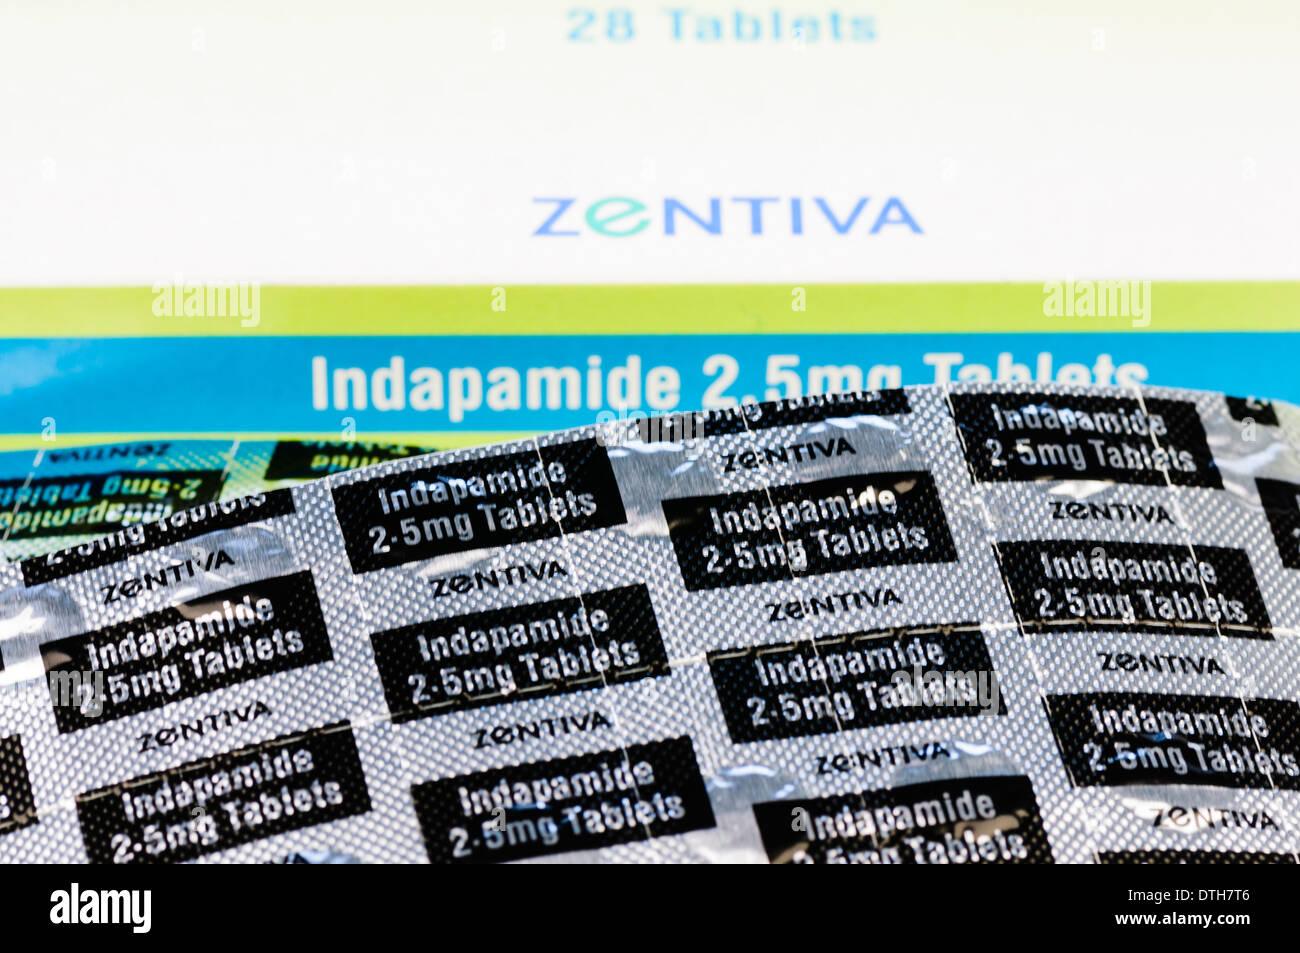 Indapamid 20,20 mg Tabletten, ein Diuretikum Wasser Tablette in ...